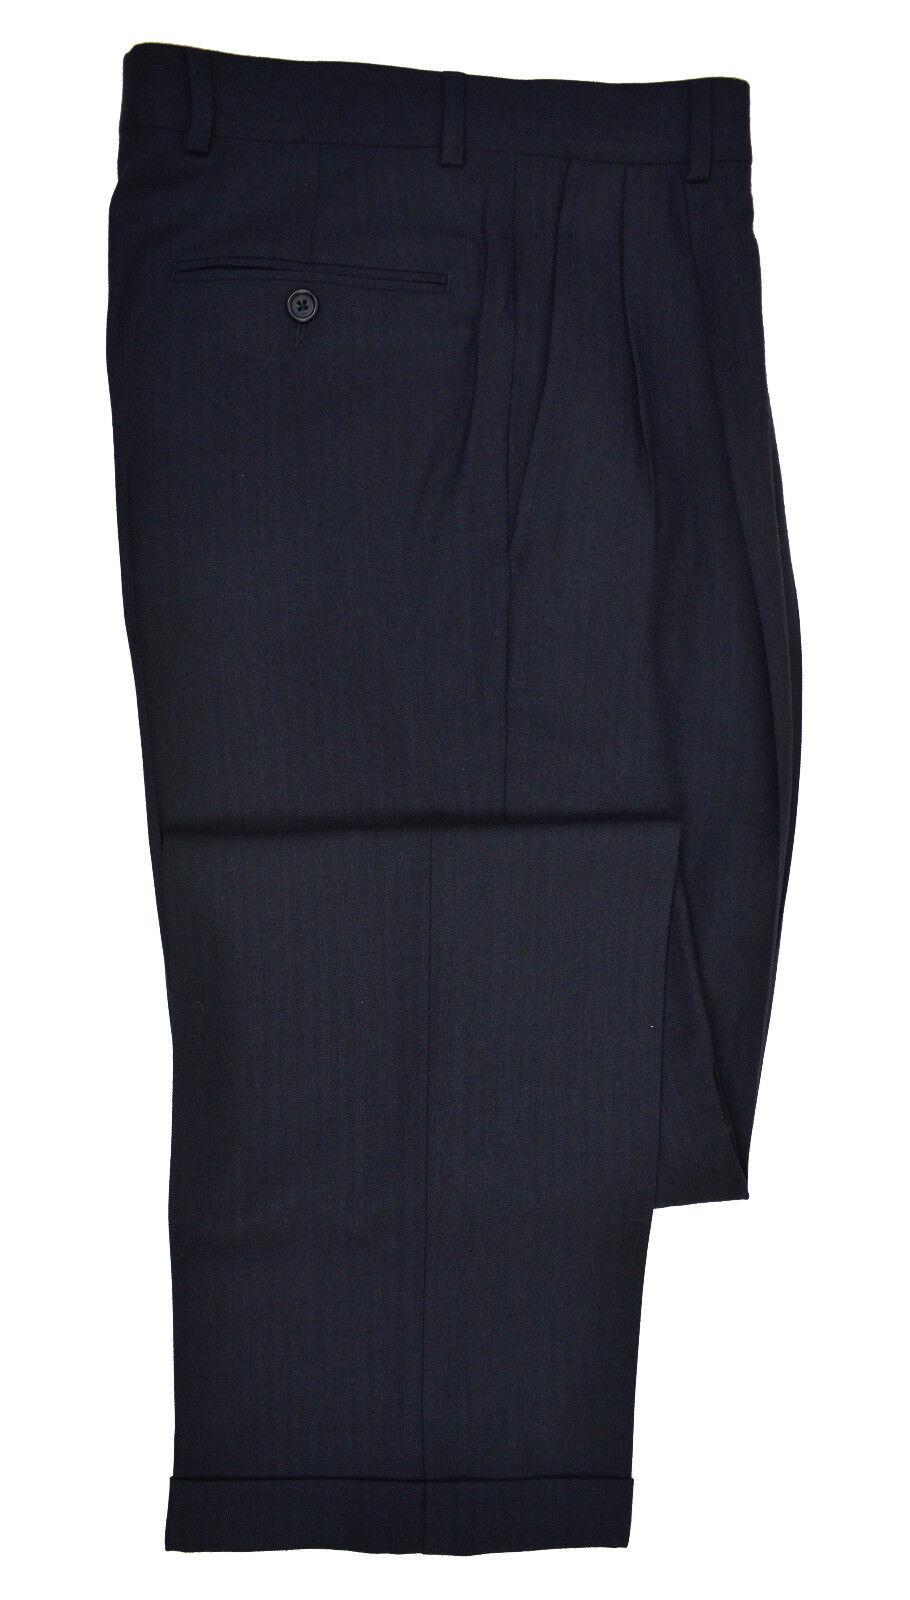 Brooks Bredhers Mens Navy bluee Wool Pleated Cuffed Dress Pants 34W x 29L 5823-3